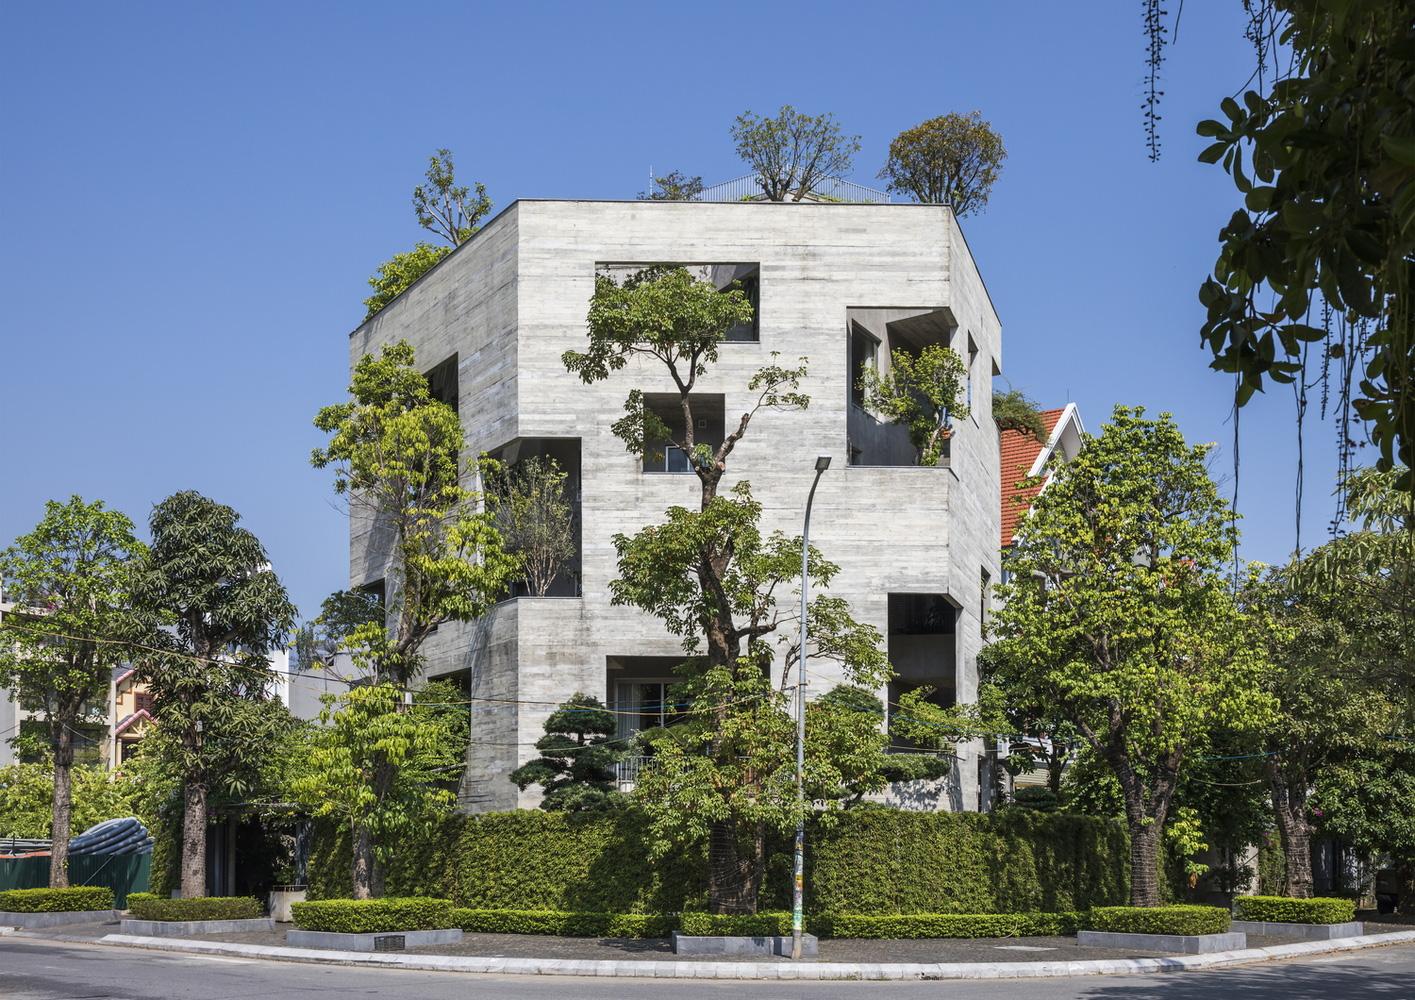 4 ngôi nhà độc đáo của Việt Nam được vinh danh Top 50 công trình đẹp nhất của năm trên tạp chí kiến trúc Mỹ - Ảnh 9.